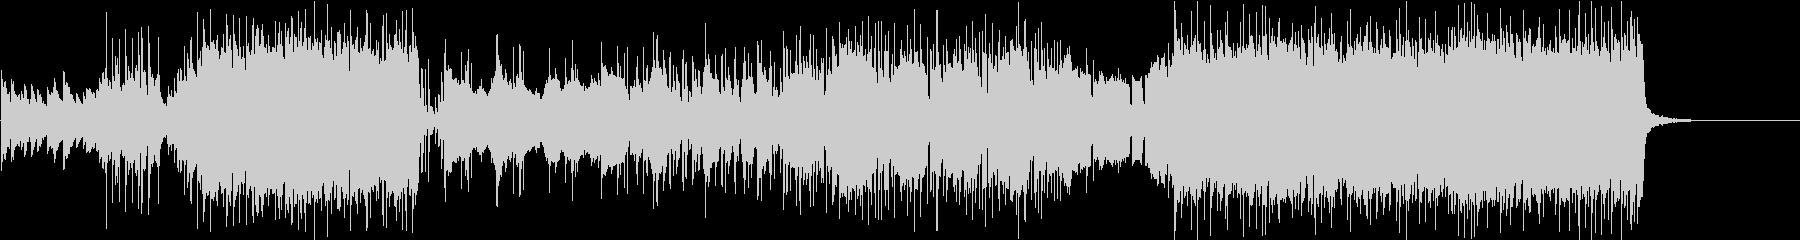 アニソン風ピアノとストリングス曲の未再生の波形